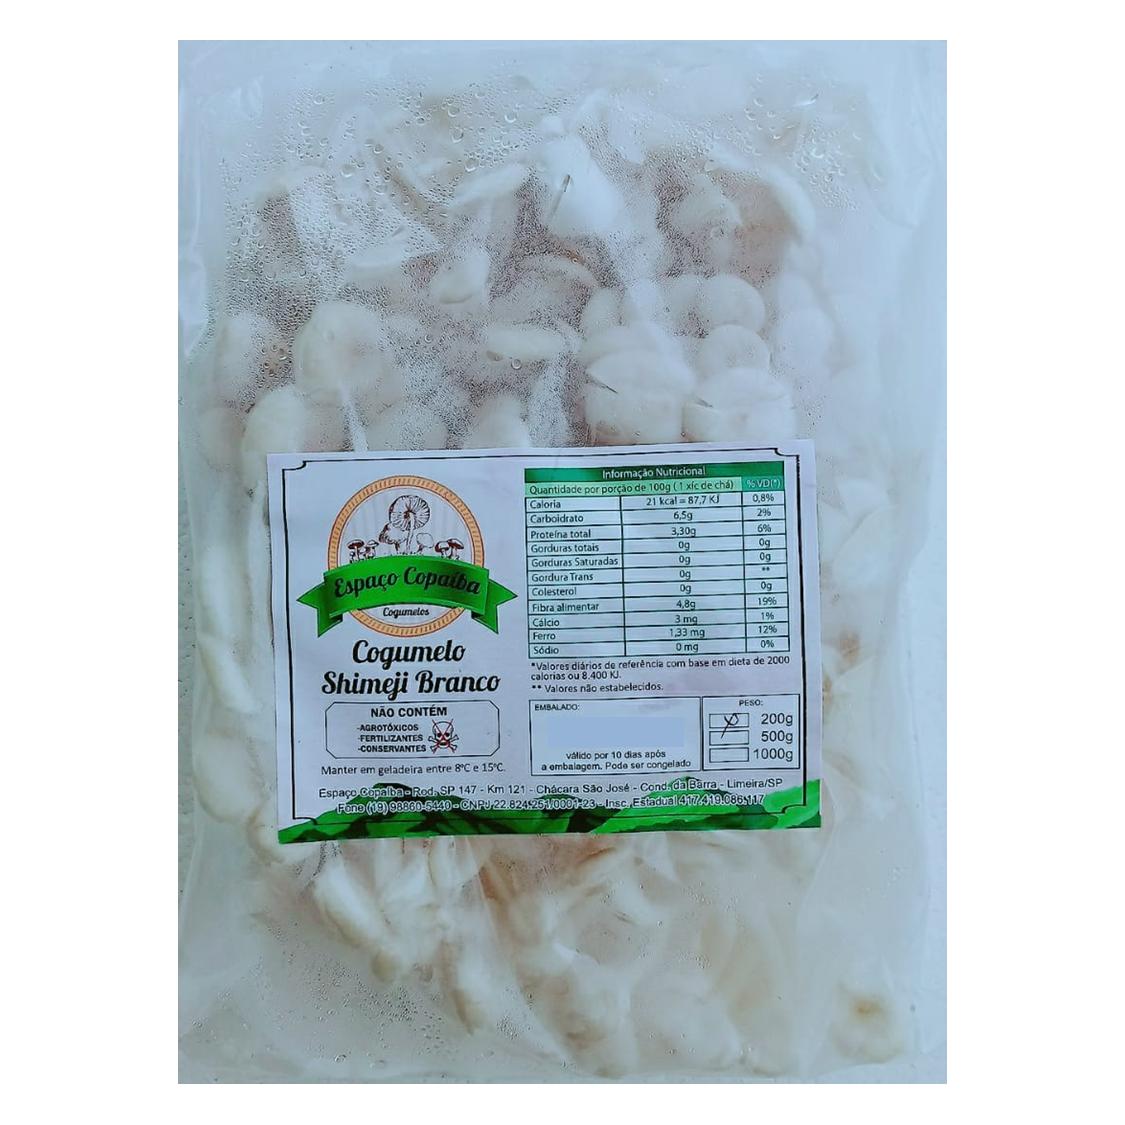 Cogumelo Shimeji Branco (200g) – Espaço Copaíba